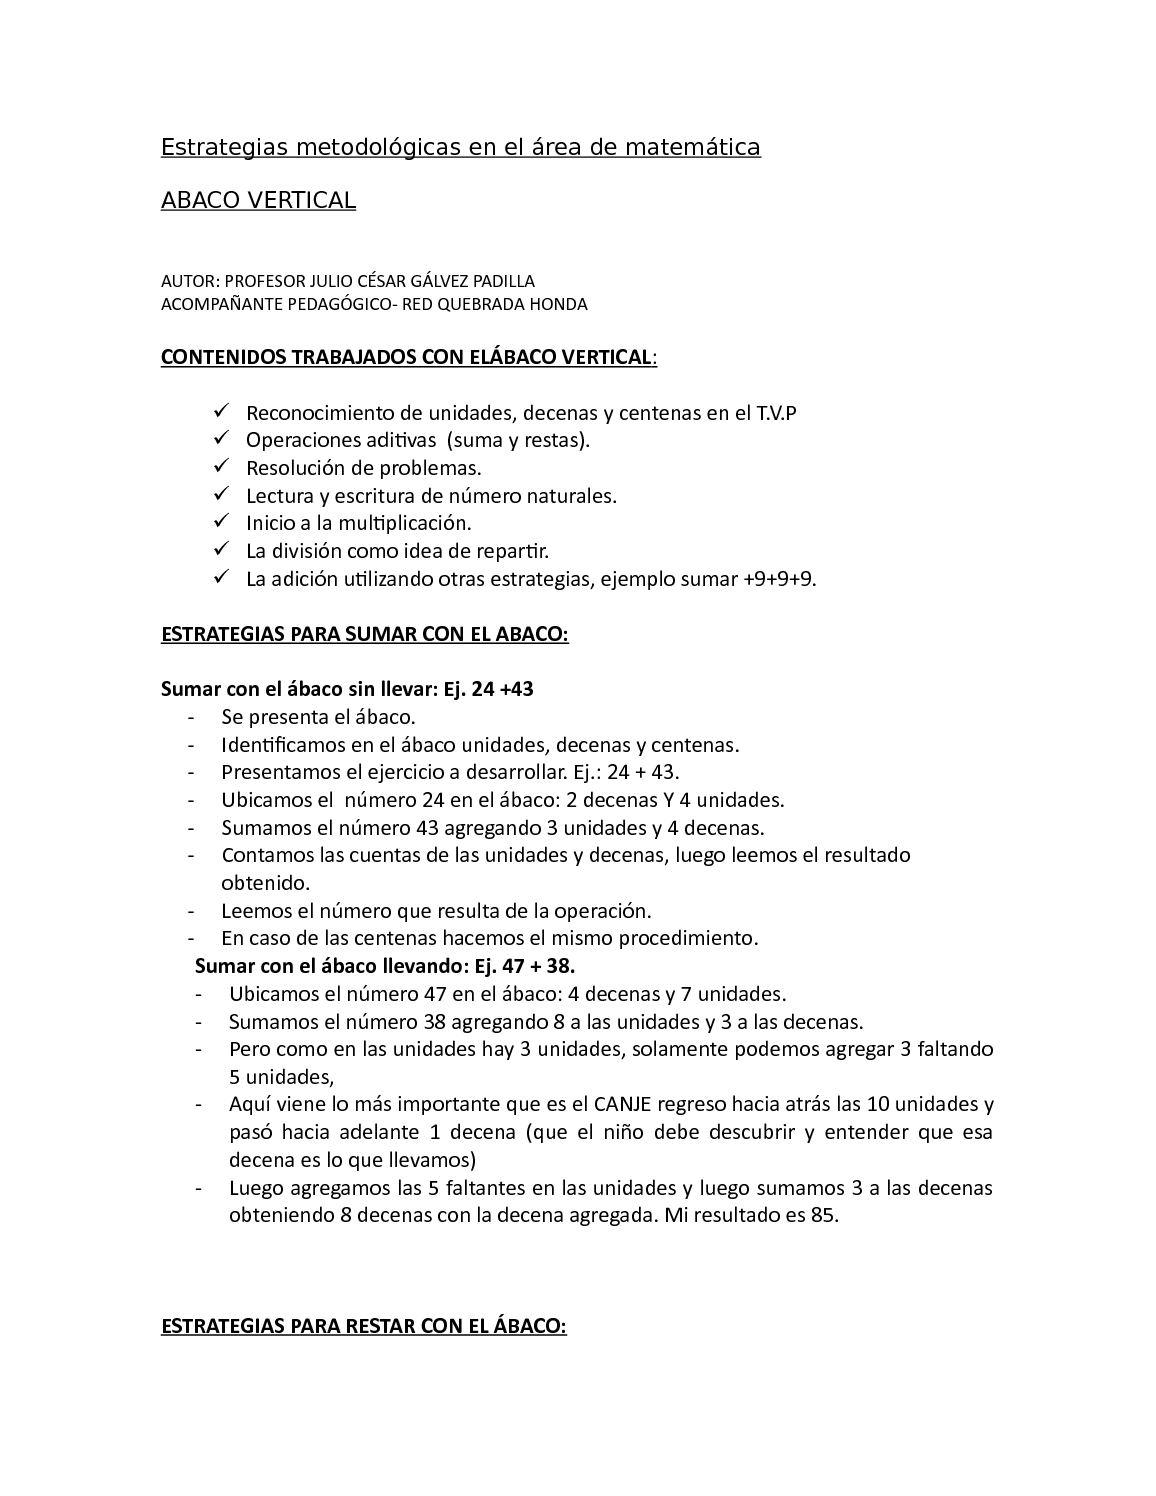 Calaméo - Estrategias Metodologicas De Julio Galvez within Operaciones Con El Abaco Suma